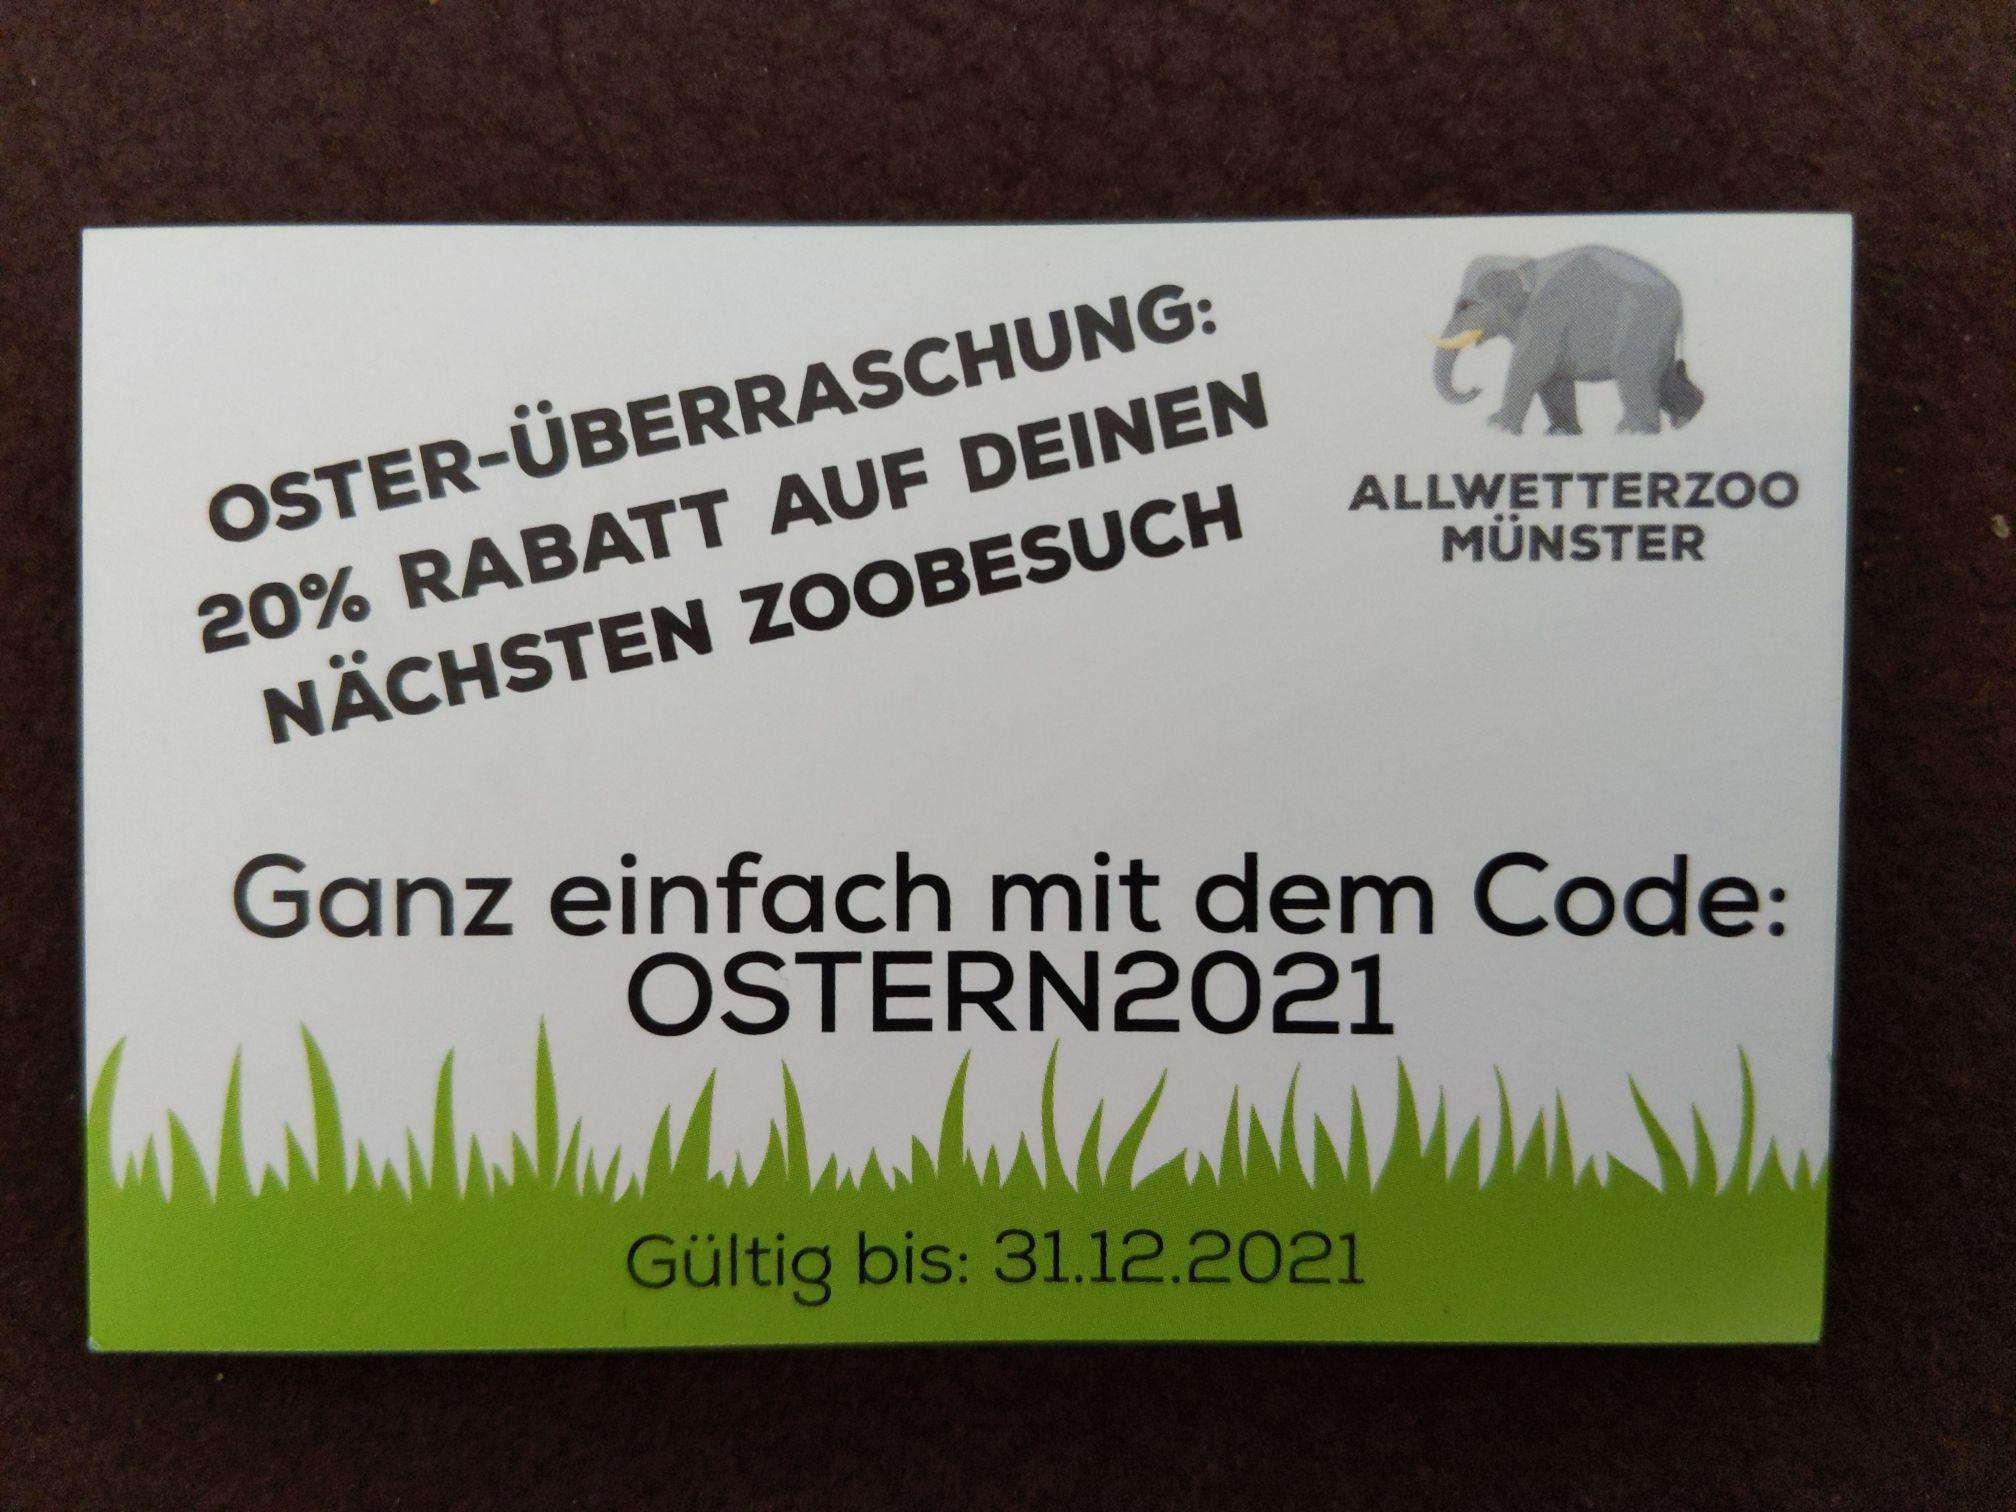 20% Rabatt auf den nächsten Zoo-Besuch (Allwetterzoo in Münster)